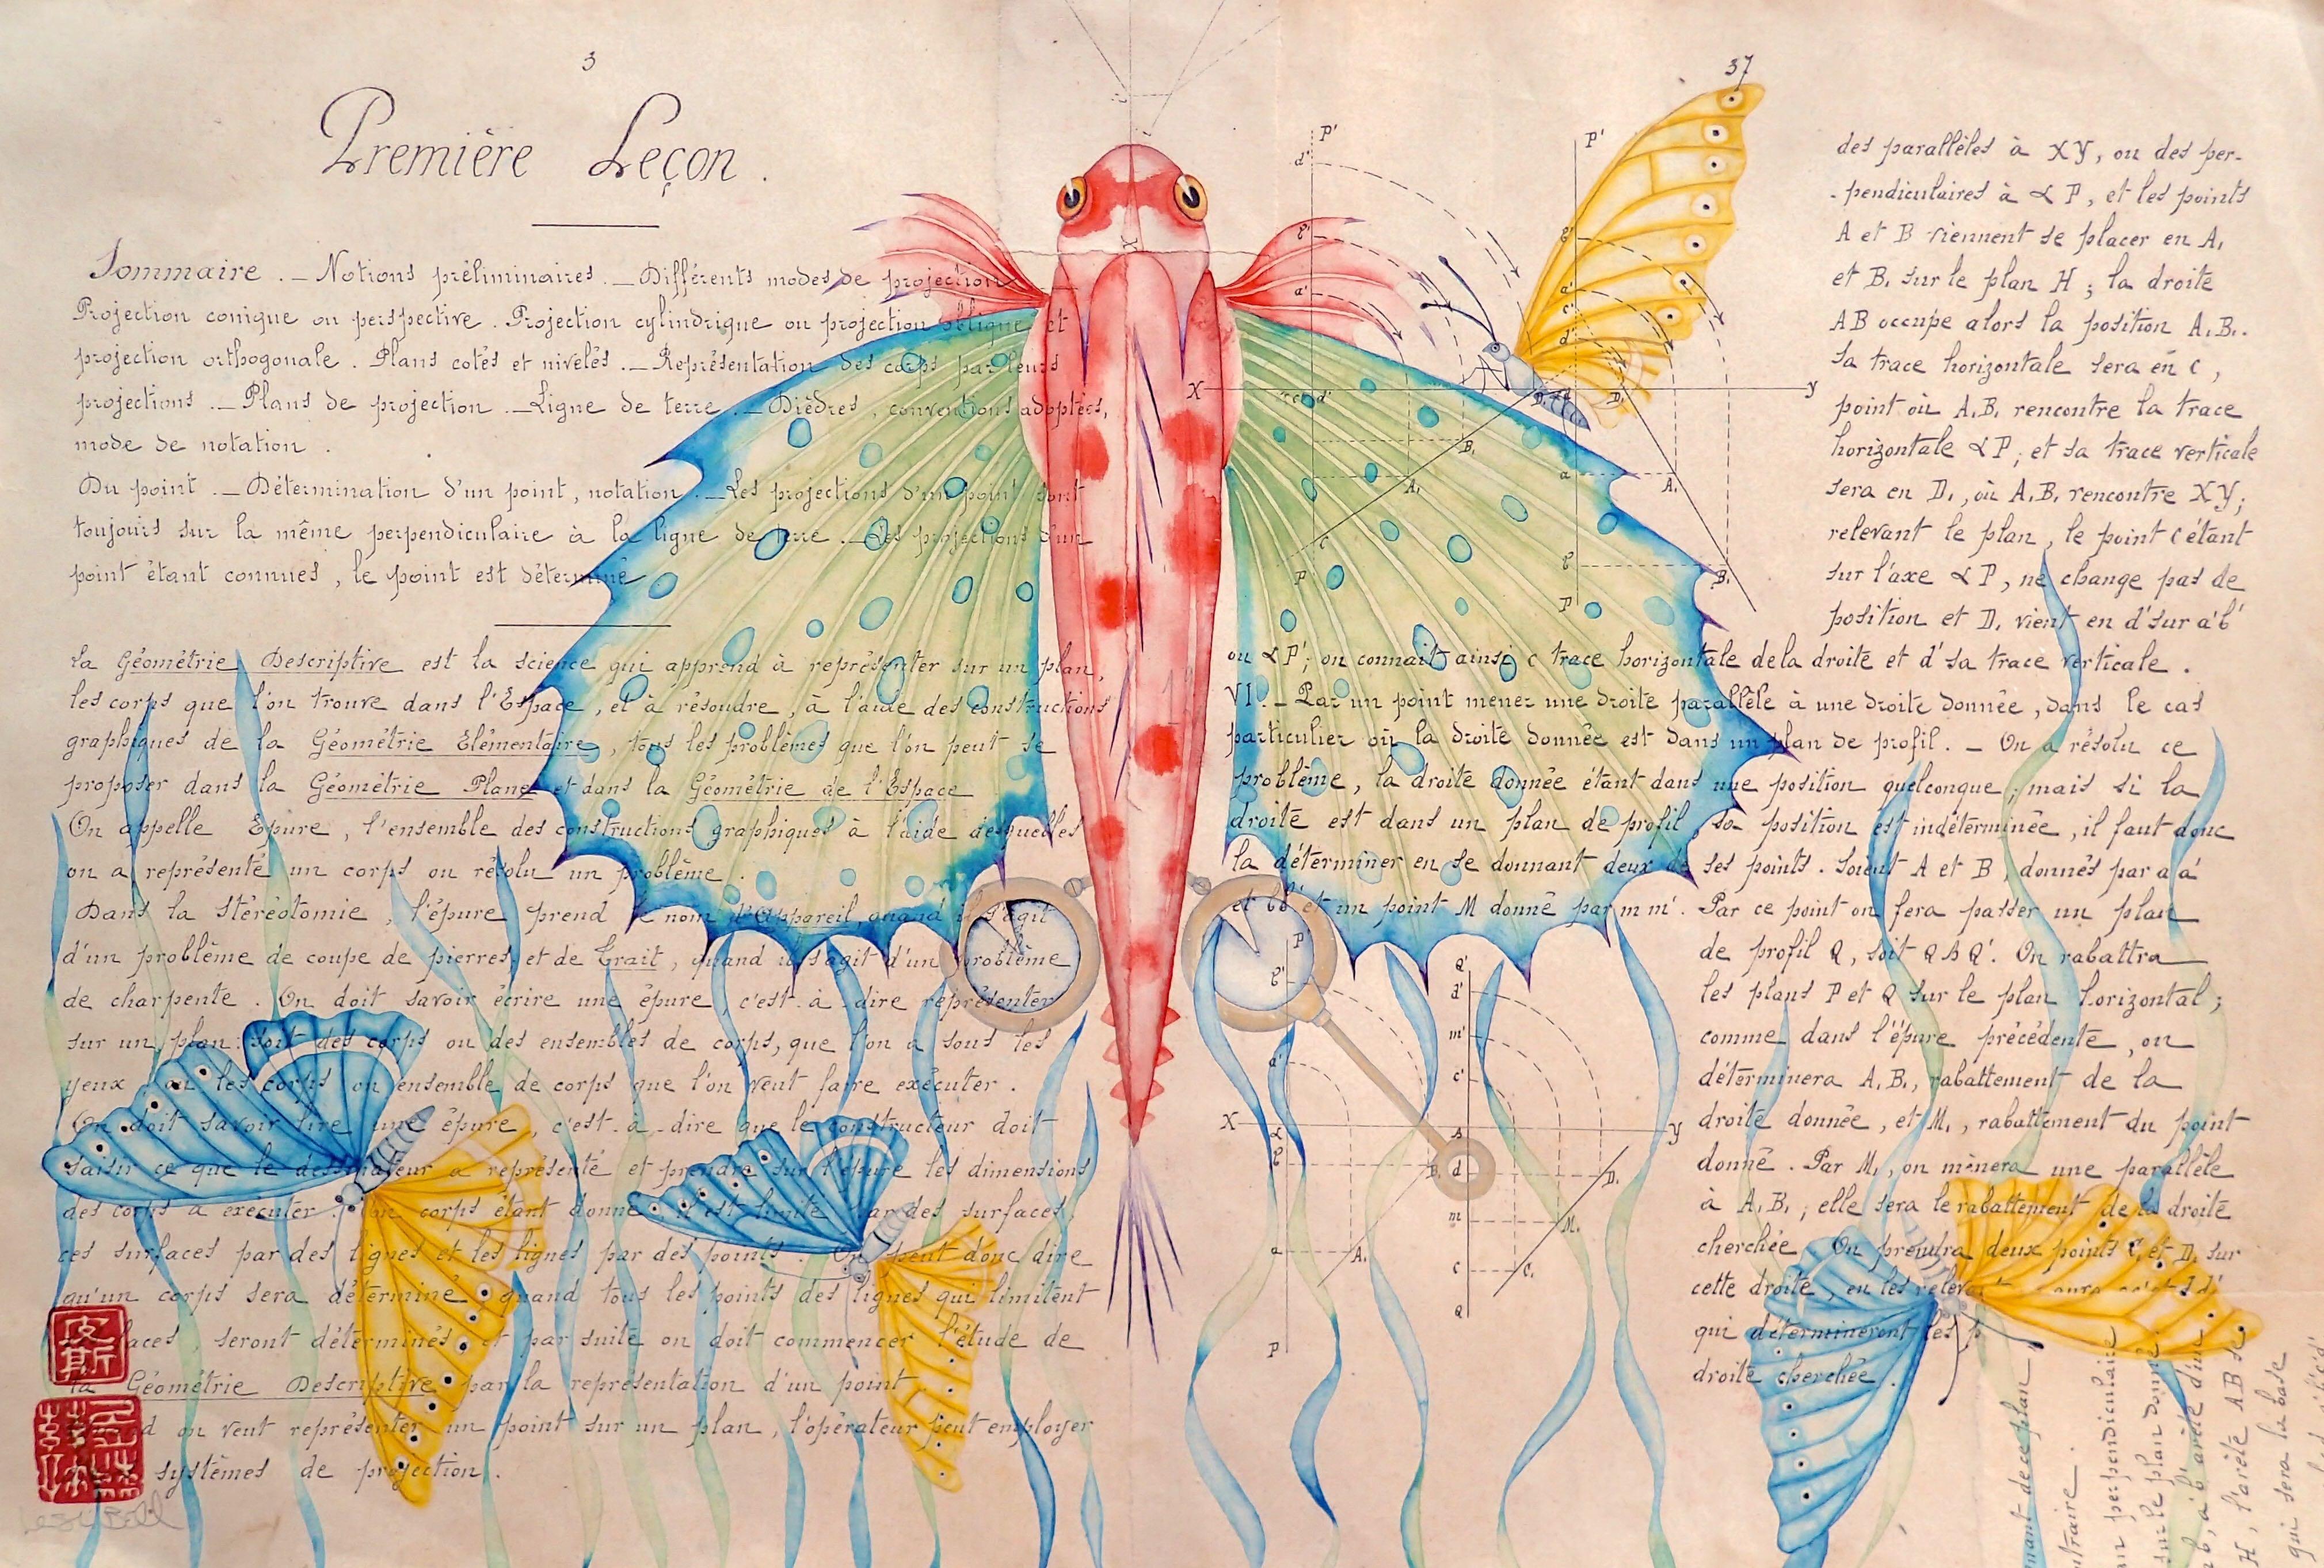 gurnard, gynandromorphic butterflies &seagrass